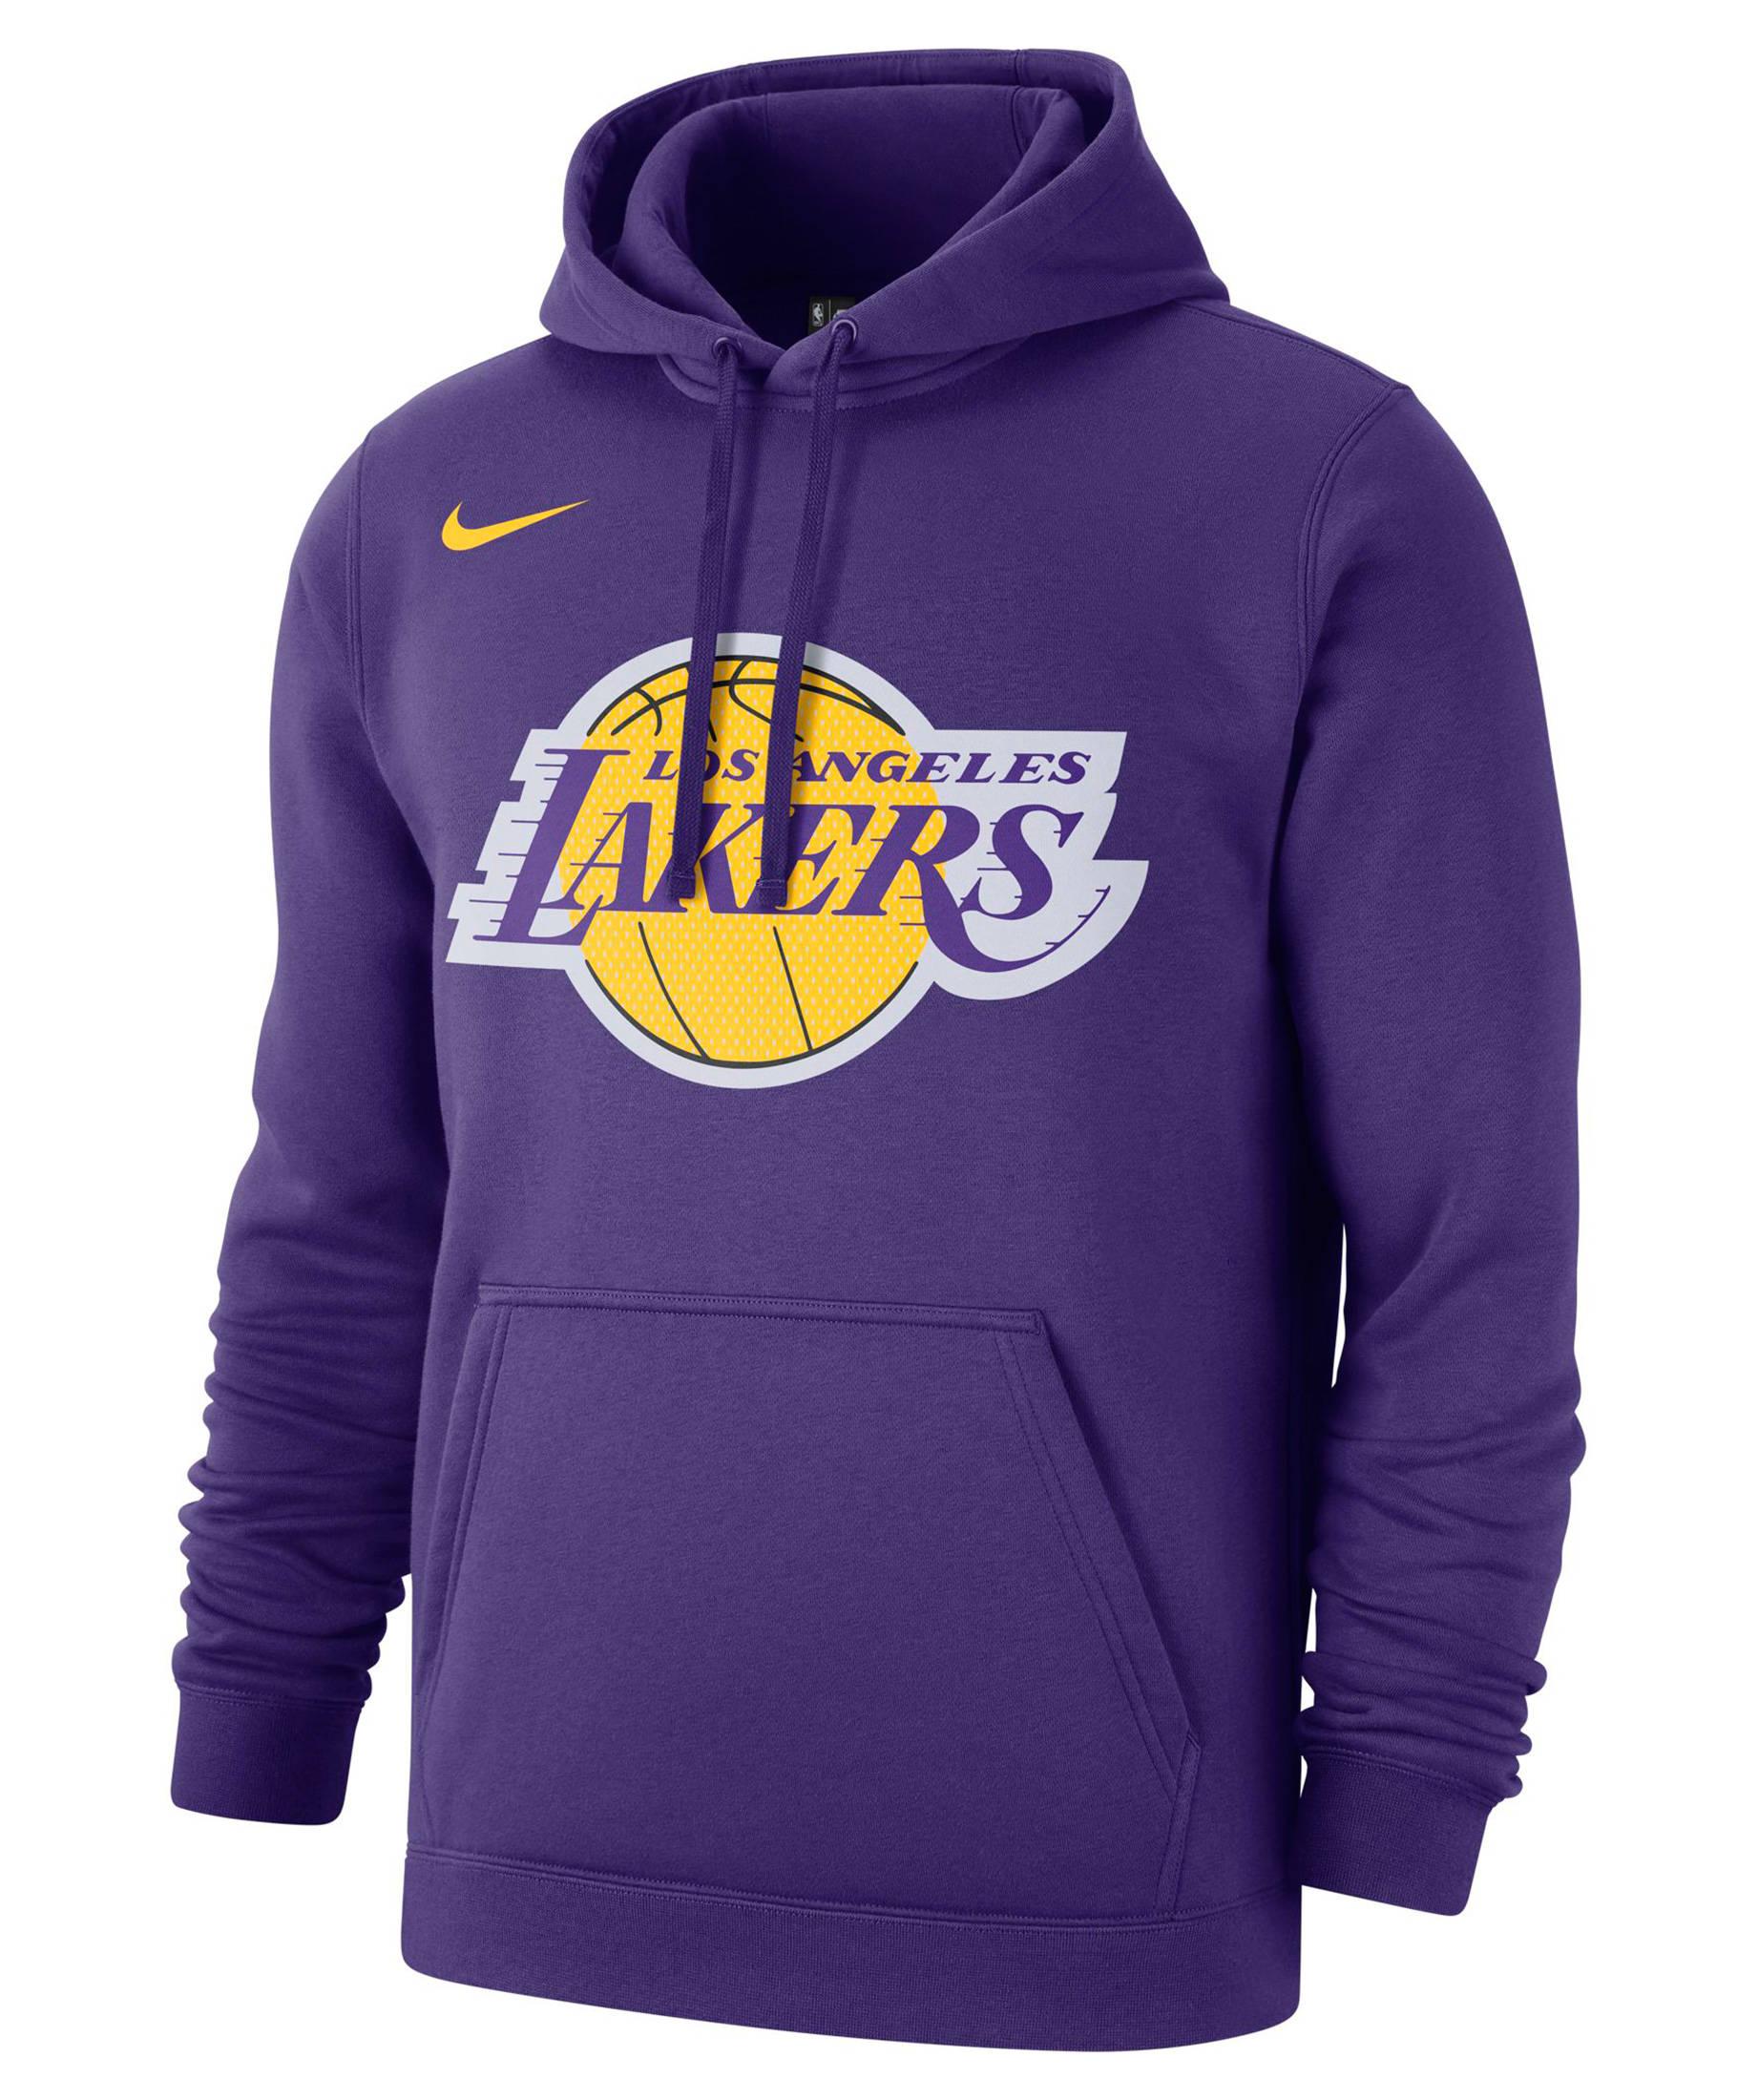 Nike Herren Sweatshirt Los Angeles Lakers NBA